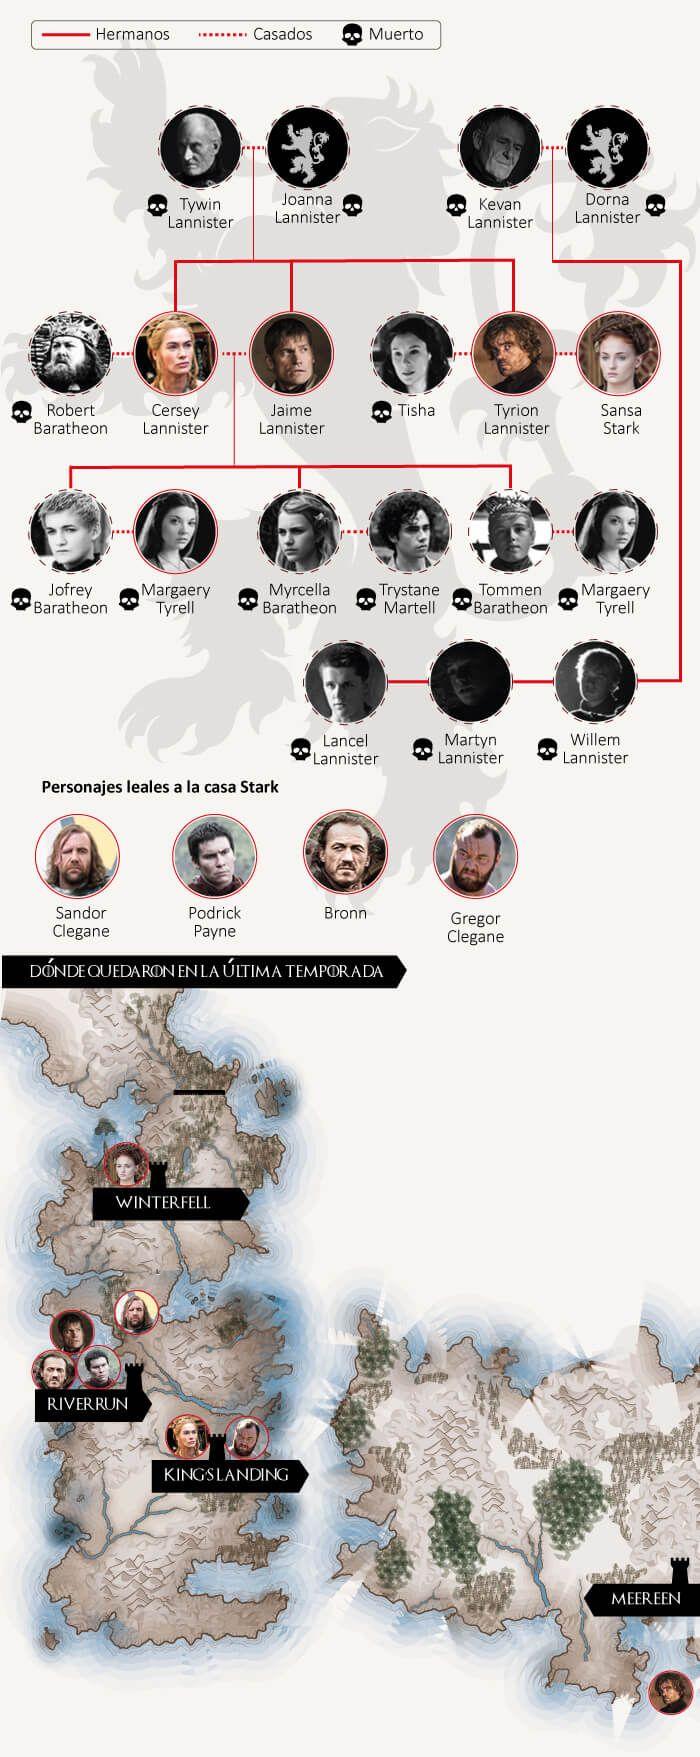 Casa Lannister: lema, significado y escudo de la familia Lannister